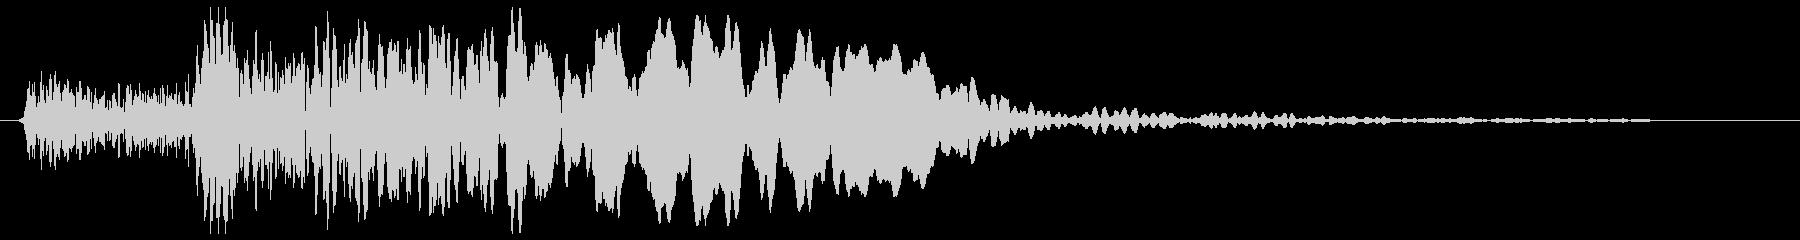 バビュン(威圧感のある音)の未再生の波形